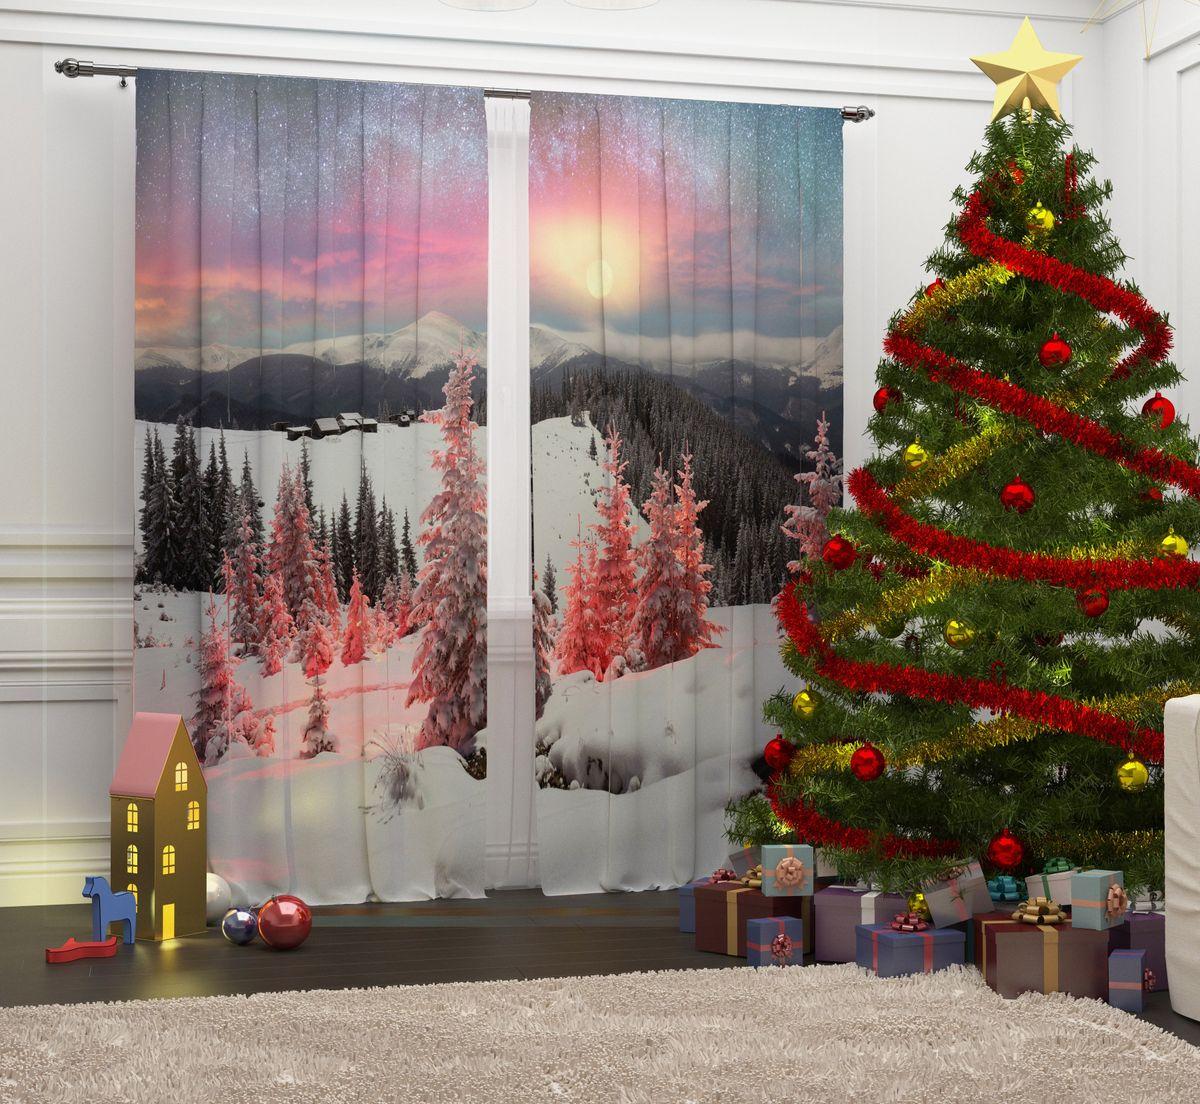 Фотошторы Сирень Волшебство в лесу, на ленте, высота 260 см07292-ФШ-ГБ-001Перед новогодними праздниками каждая хозяйка или хозяин хотят украсить свой дом. Мы предлагаем оригинальное решение, украсить Ваше окно фотошторами с новогодней тематикой. Новогодние фотошторы Сирень станут отличным подарком на Новый год. Подарите радость праздника себе и Вашим близким людям!Текстиль бренда «Сирень» - качество в каждом сантиметре ткани!Крепление на карниз при помощи шторной ленты на крючки.В комплекте: Портьера: 2 шт. Размер (ШхВ): 145 см х 260 см. Рекомендации по уходу: стирка при 30 градусах гладить при температуре до 150 градусов Изображение на мониторе может немного отличаться от реального.